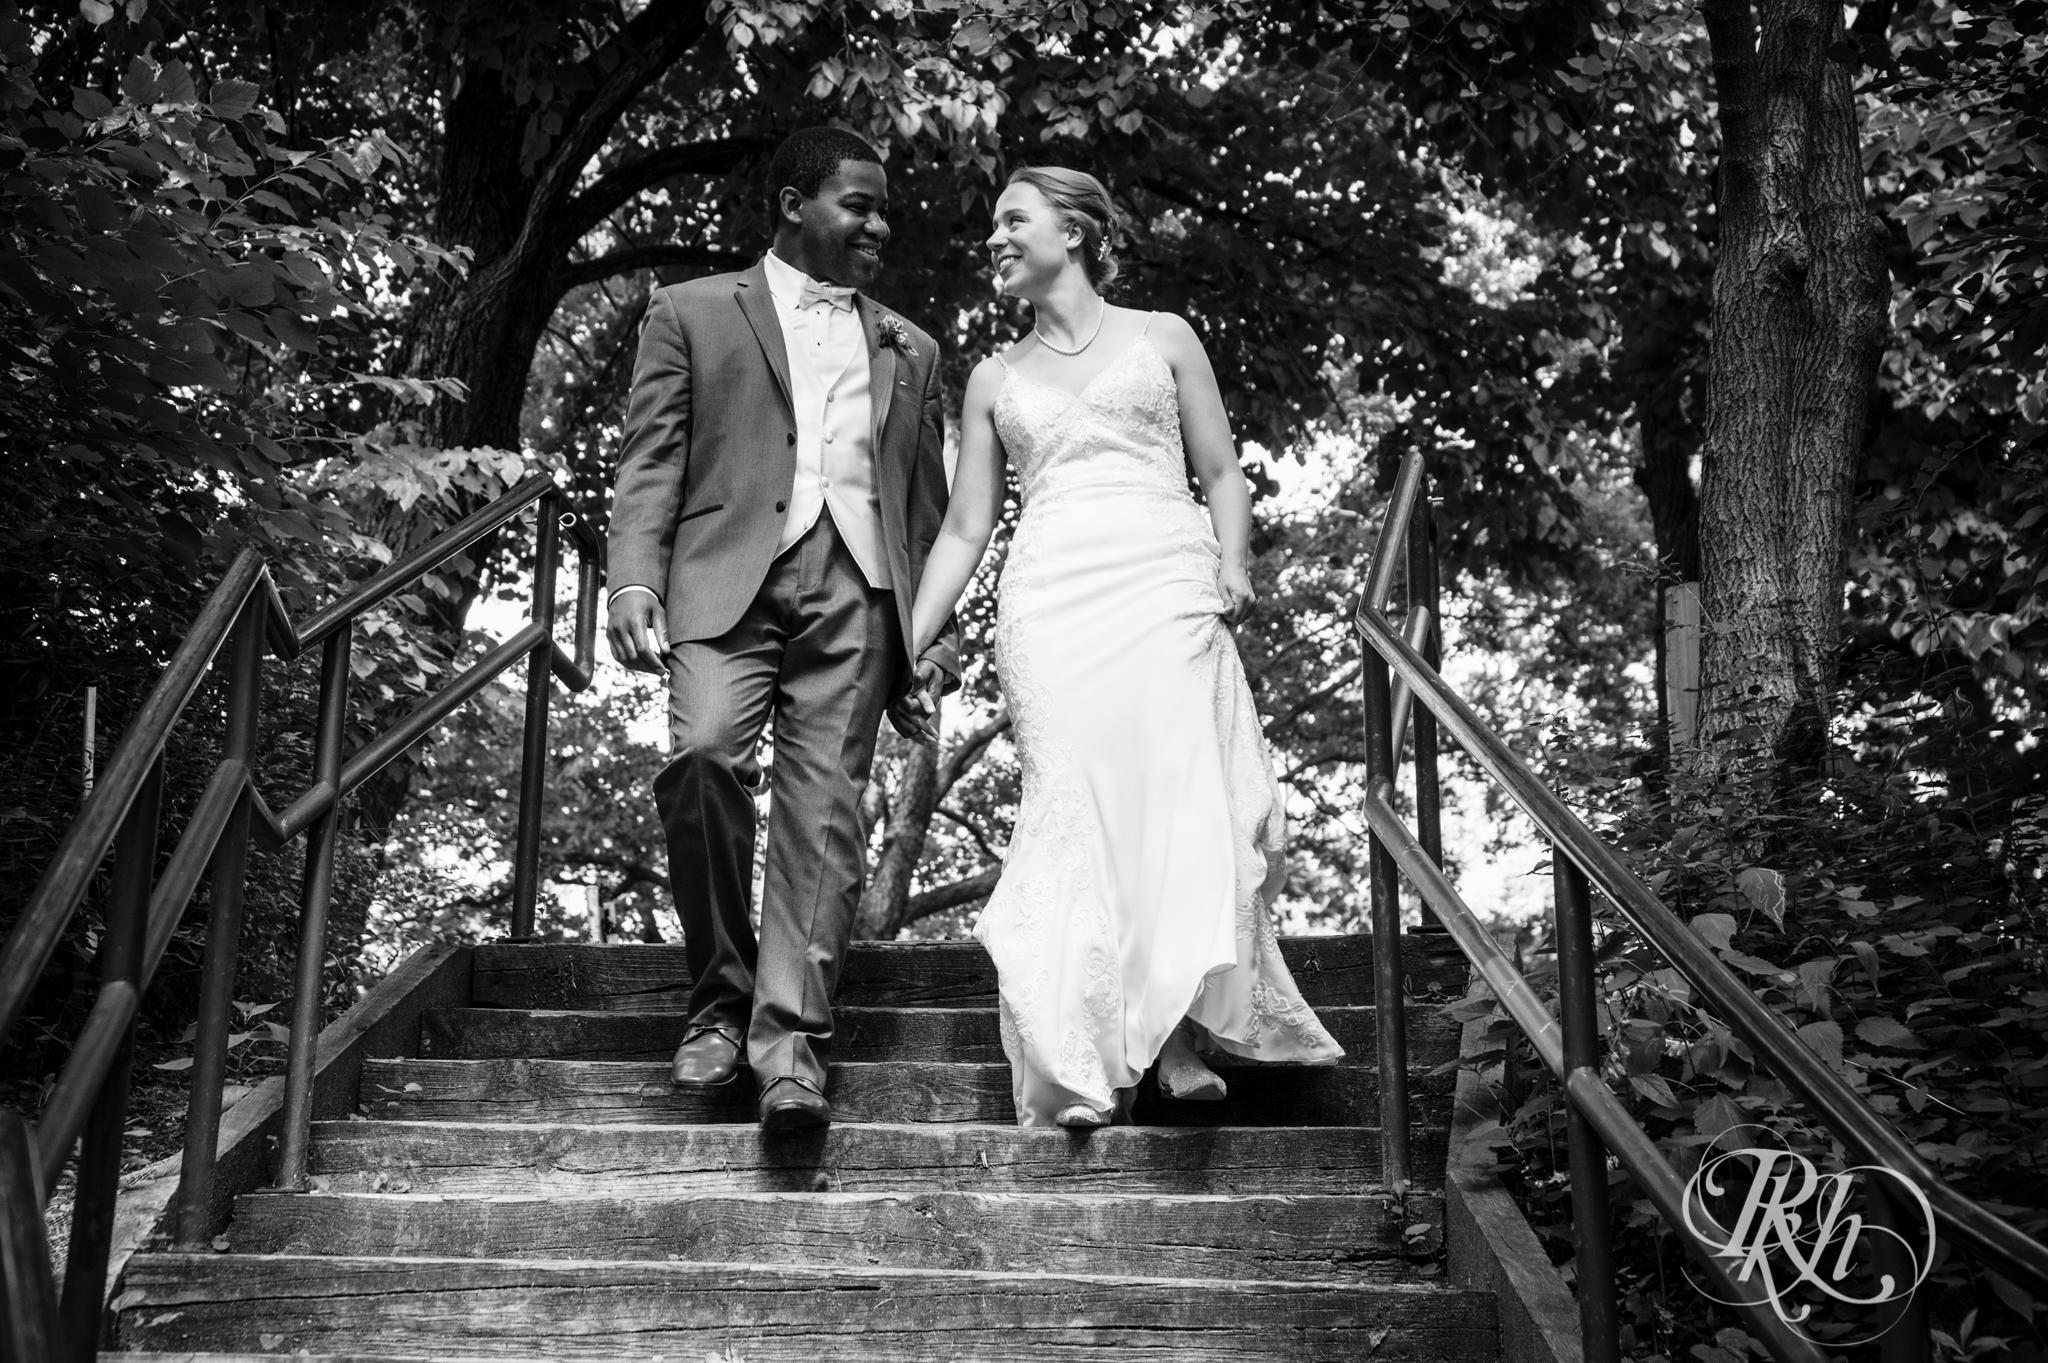 Laura and Adekunle - Minnesota Wedding Photographer - Minnesota History Center - RKH Images - Blog (37 of 75).jpg